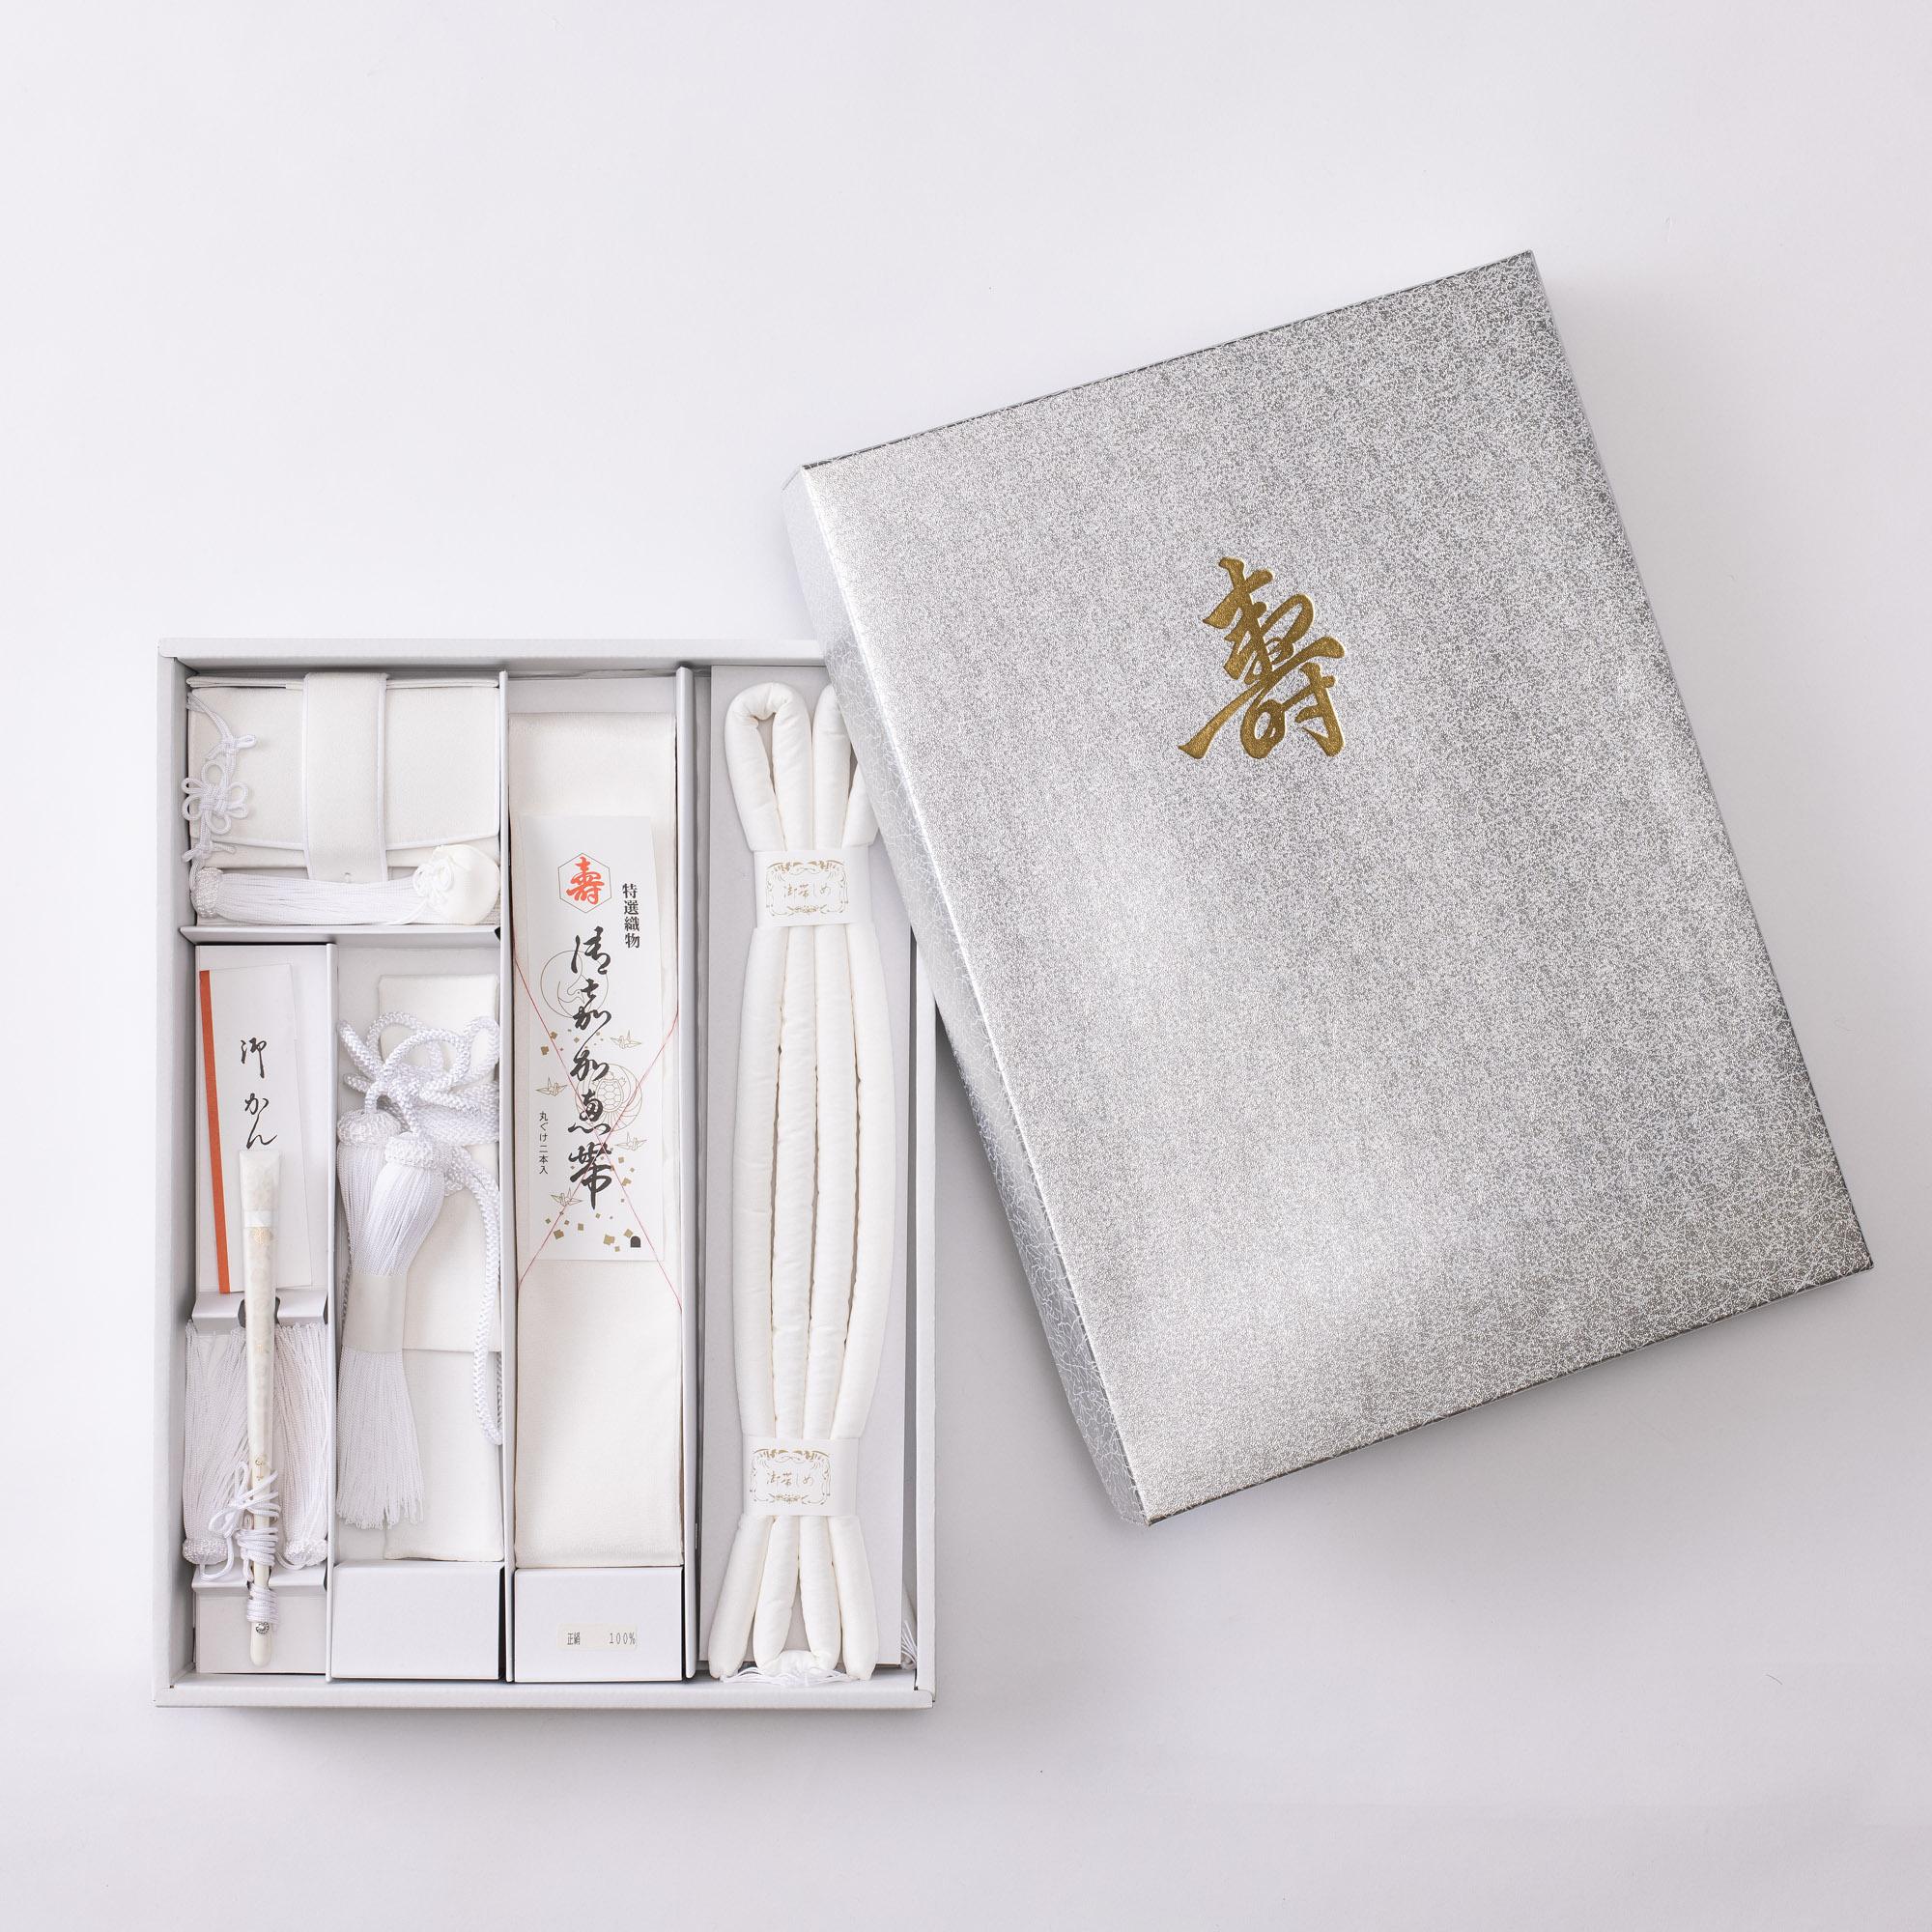 【正絹】花嫁抱え帯セット 丸ぐけ帯締め2本組